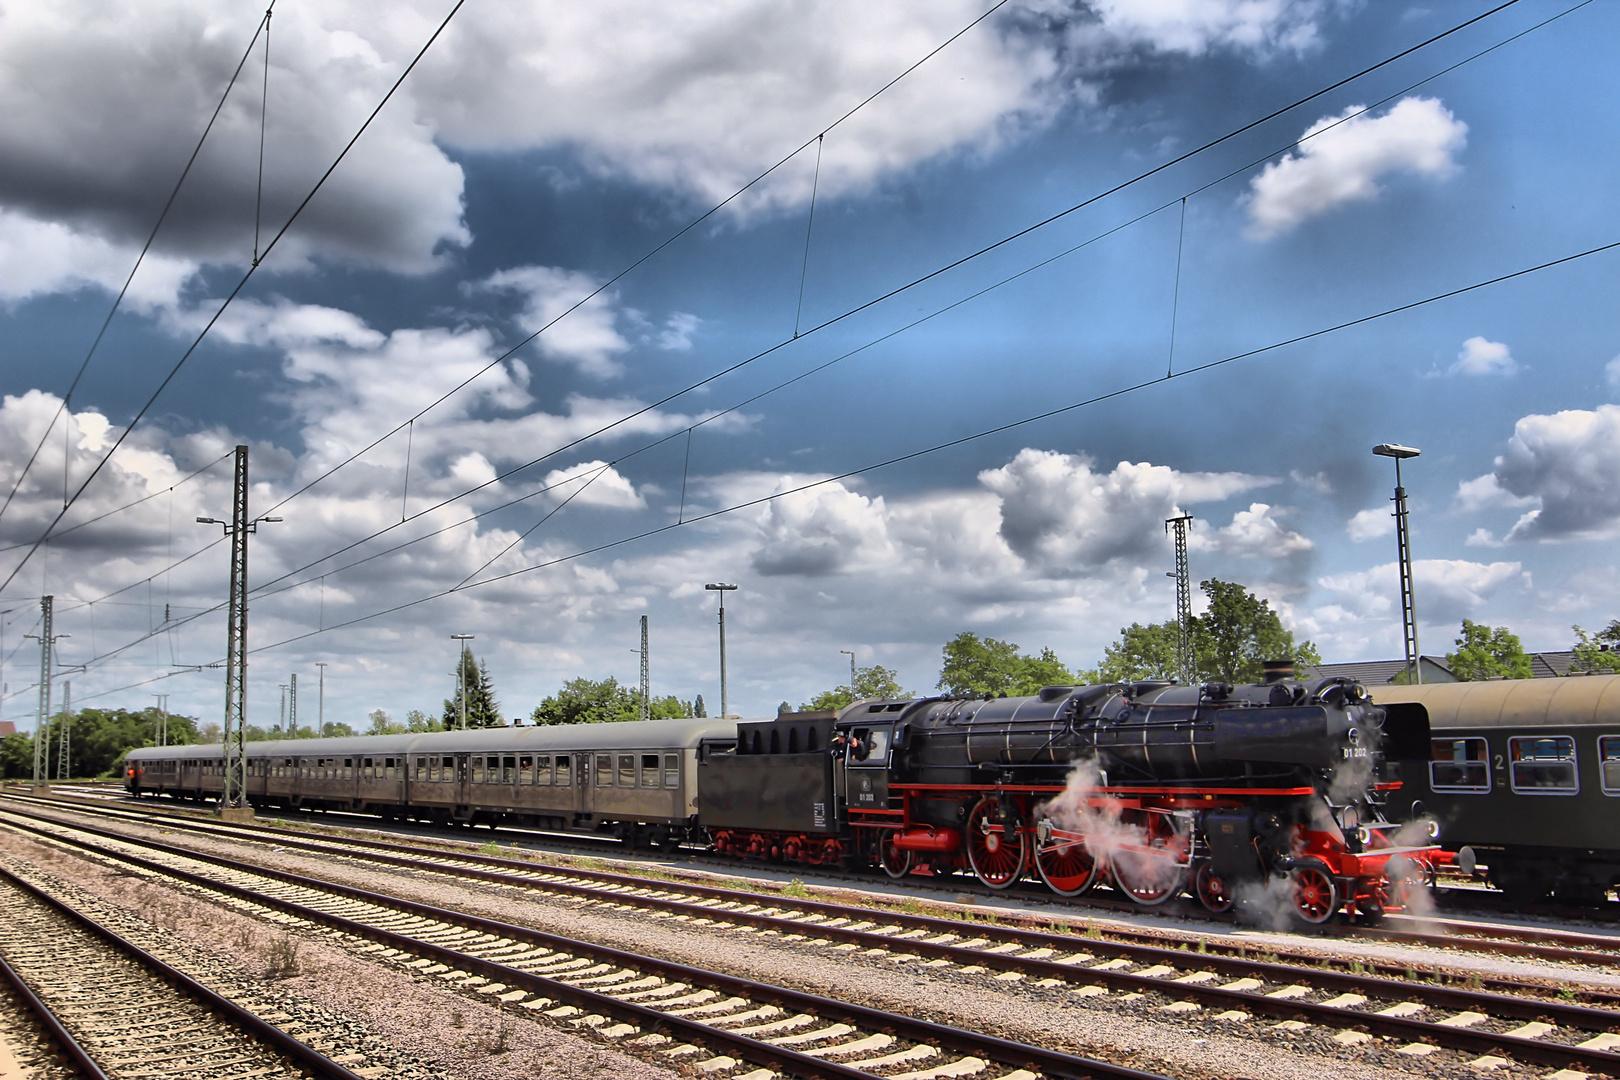 Die 01202 auf der Durchfahrt des Bahnhofs Neustadt-Böbig